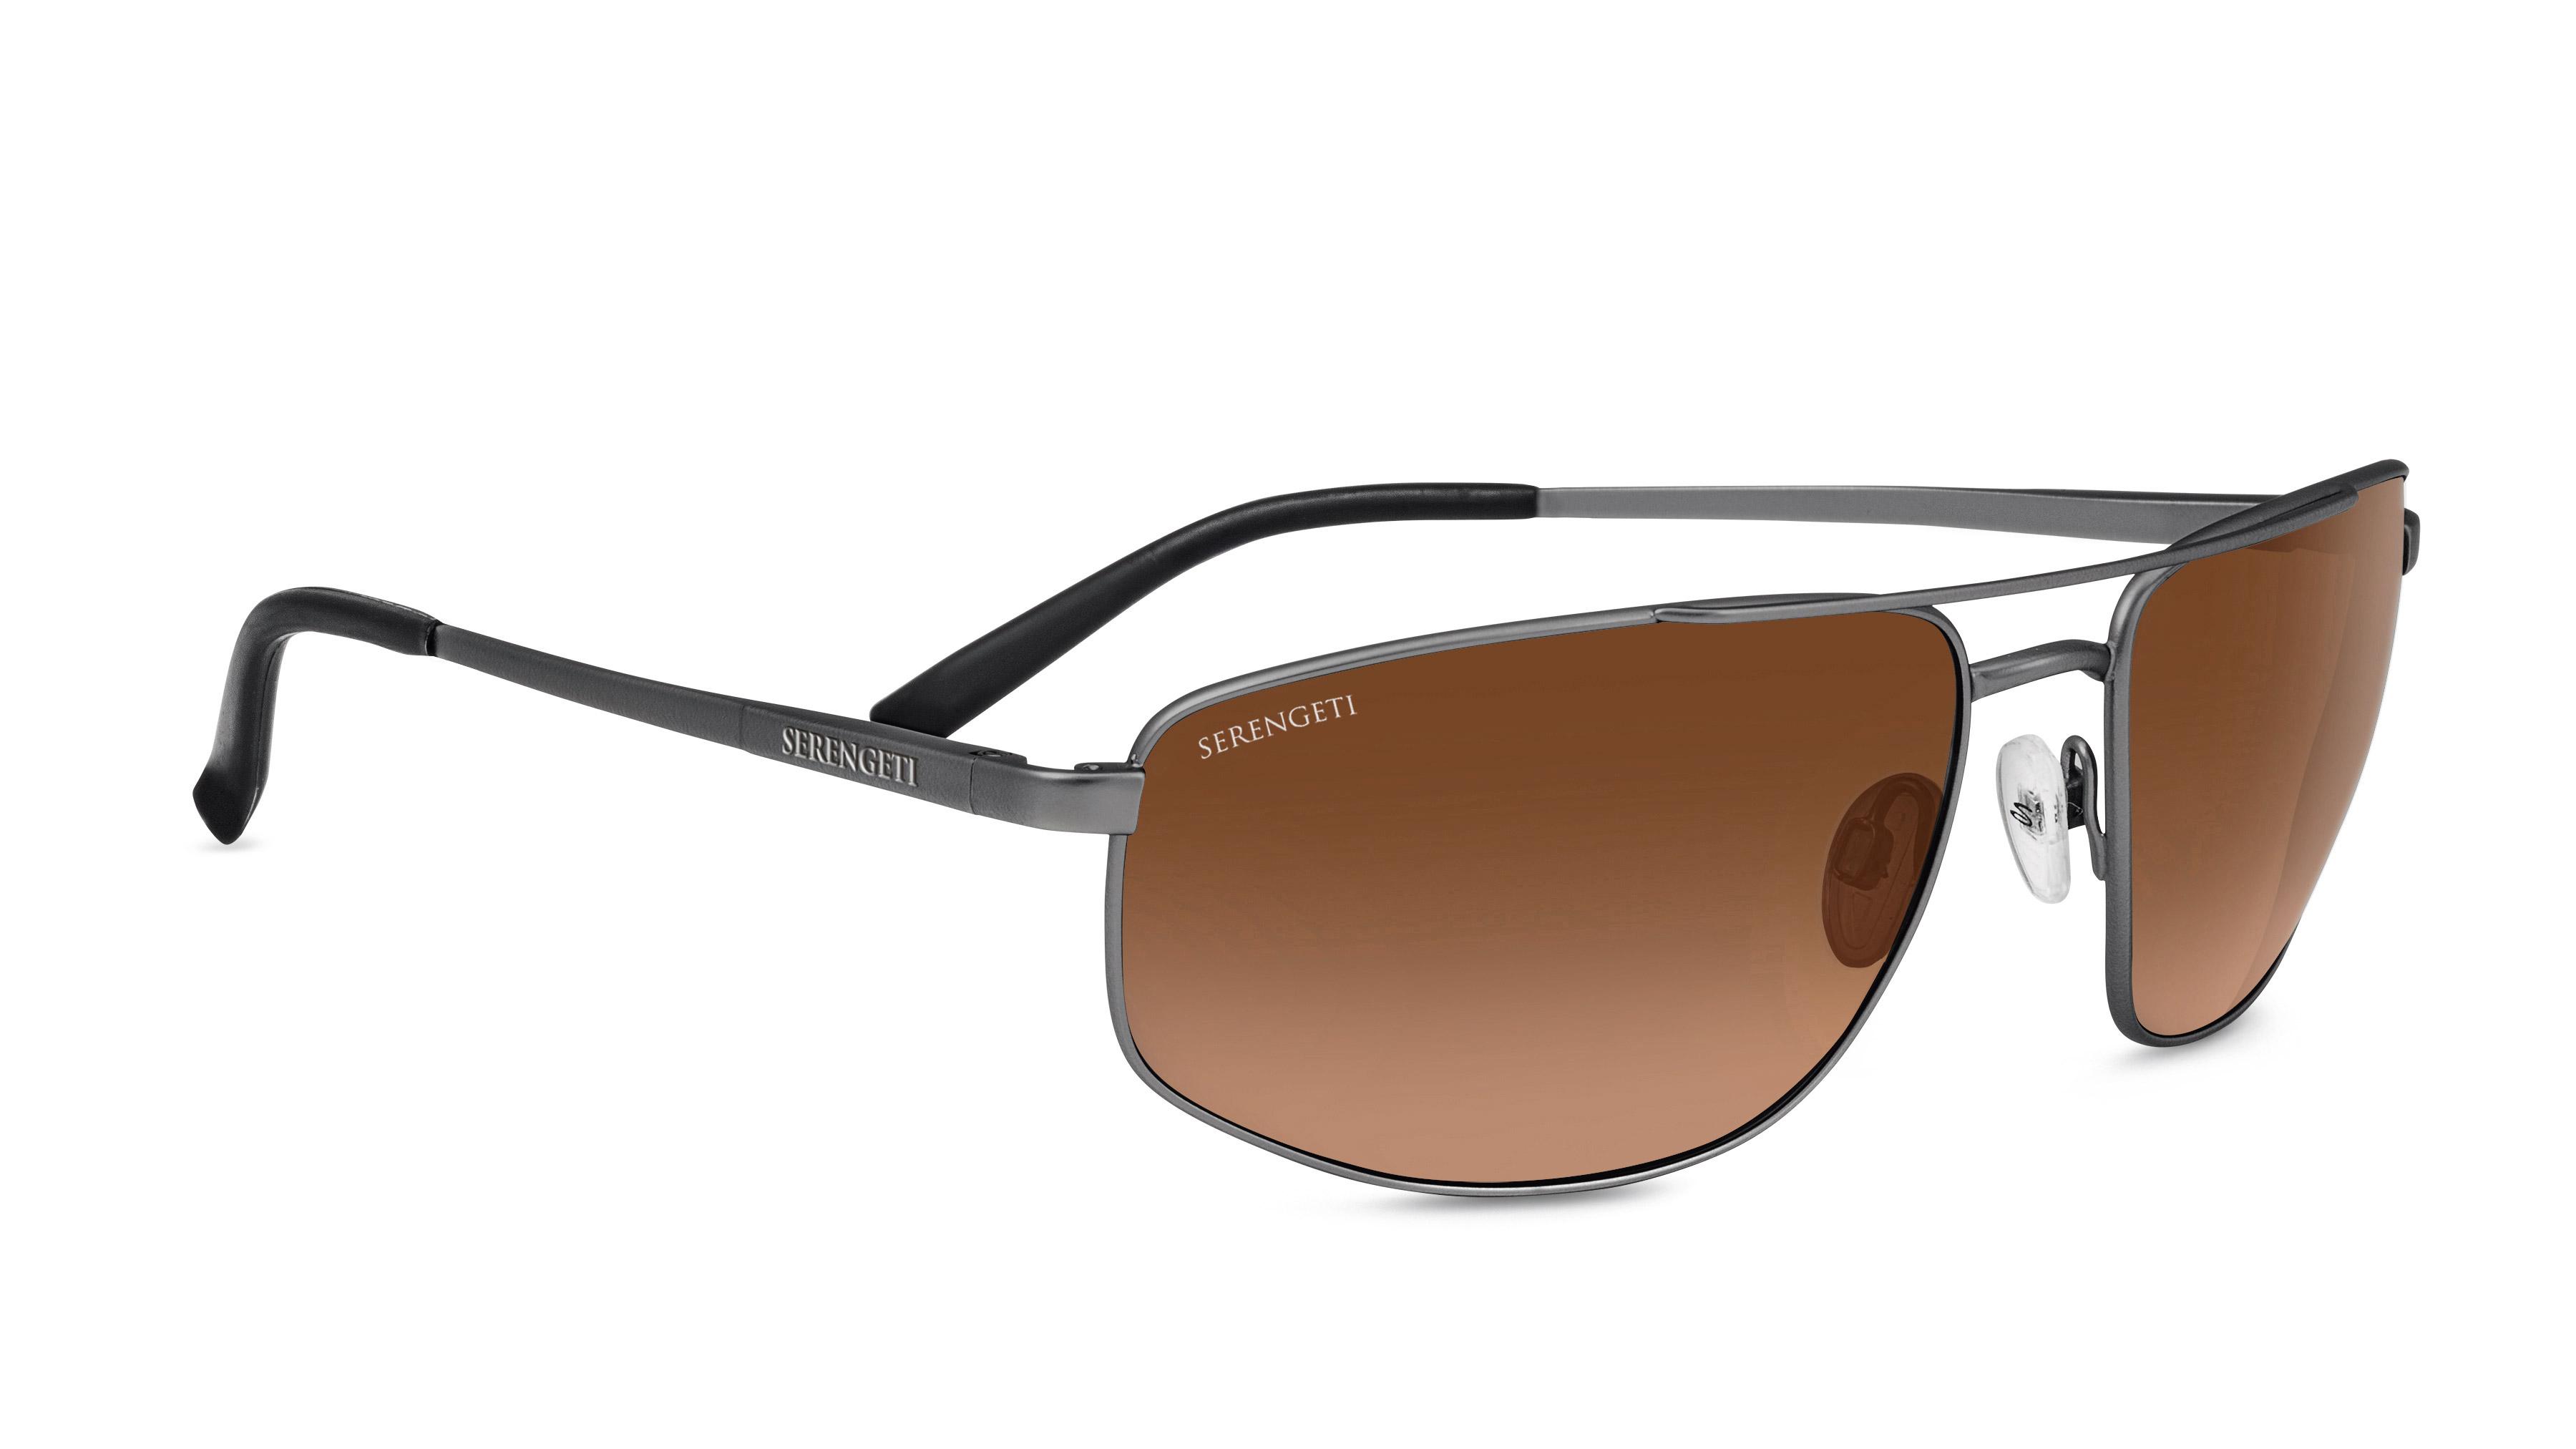 ec6748684e11 Serengeti Modugno Sunglasses FREE S H 8406